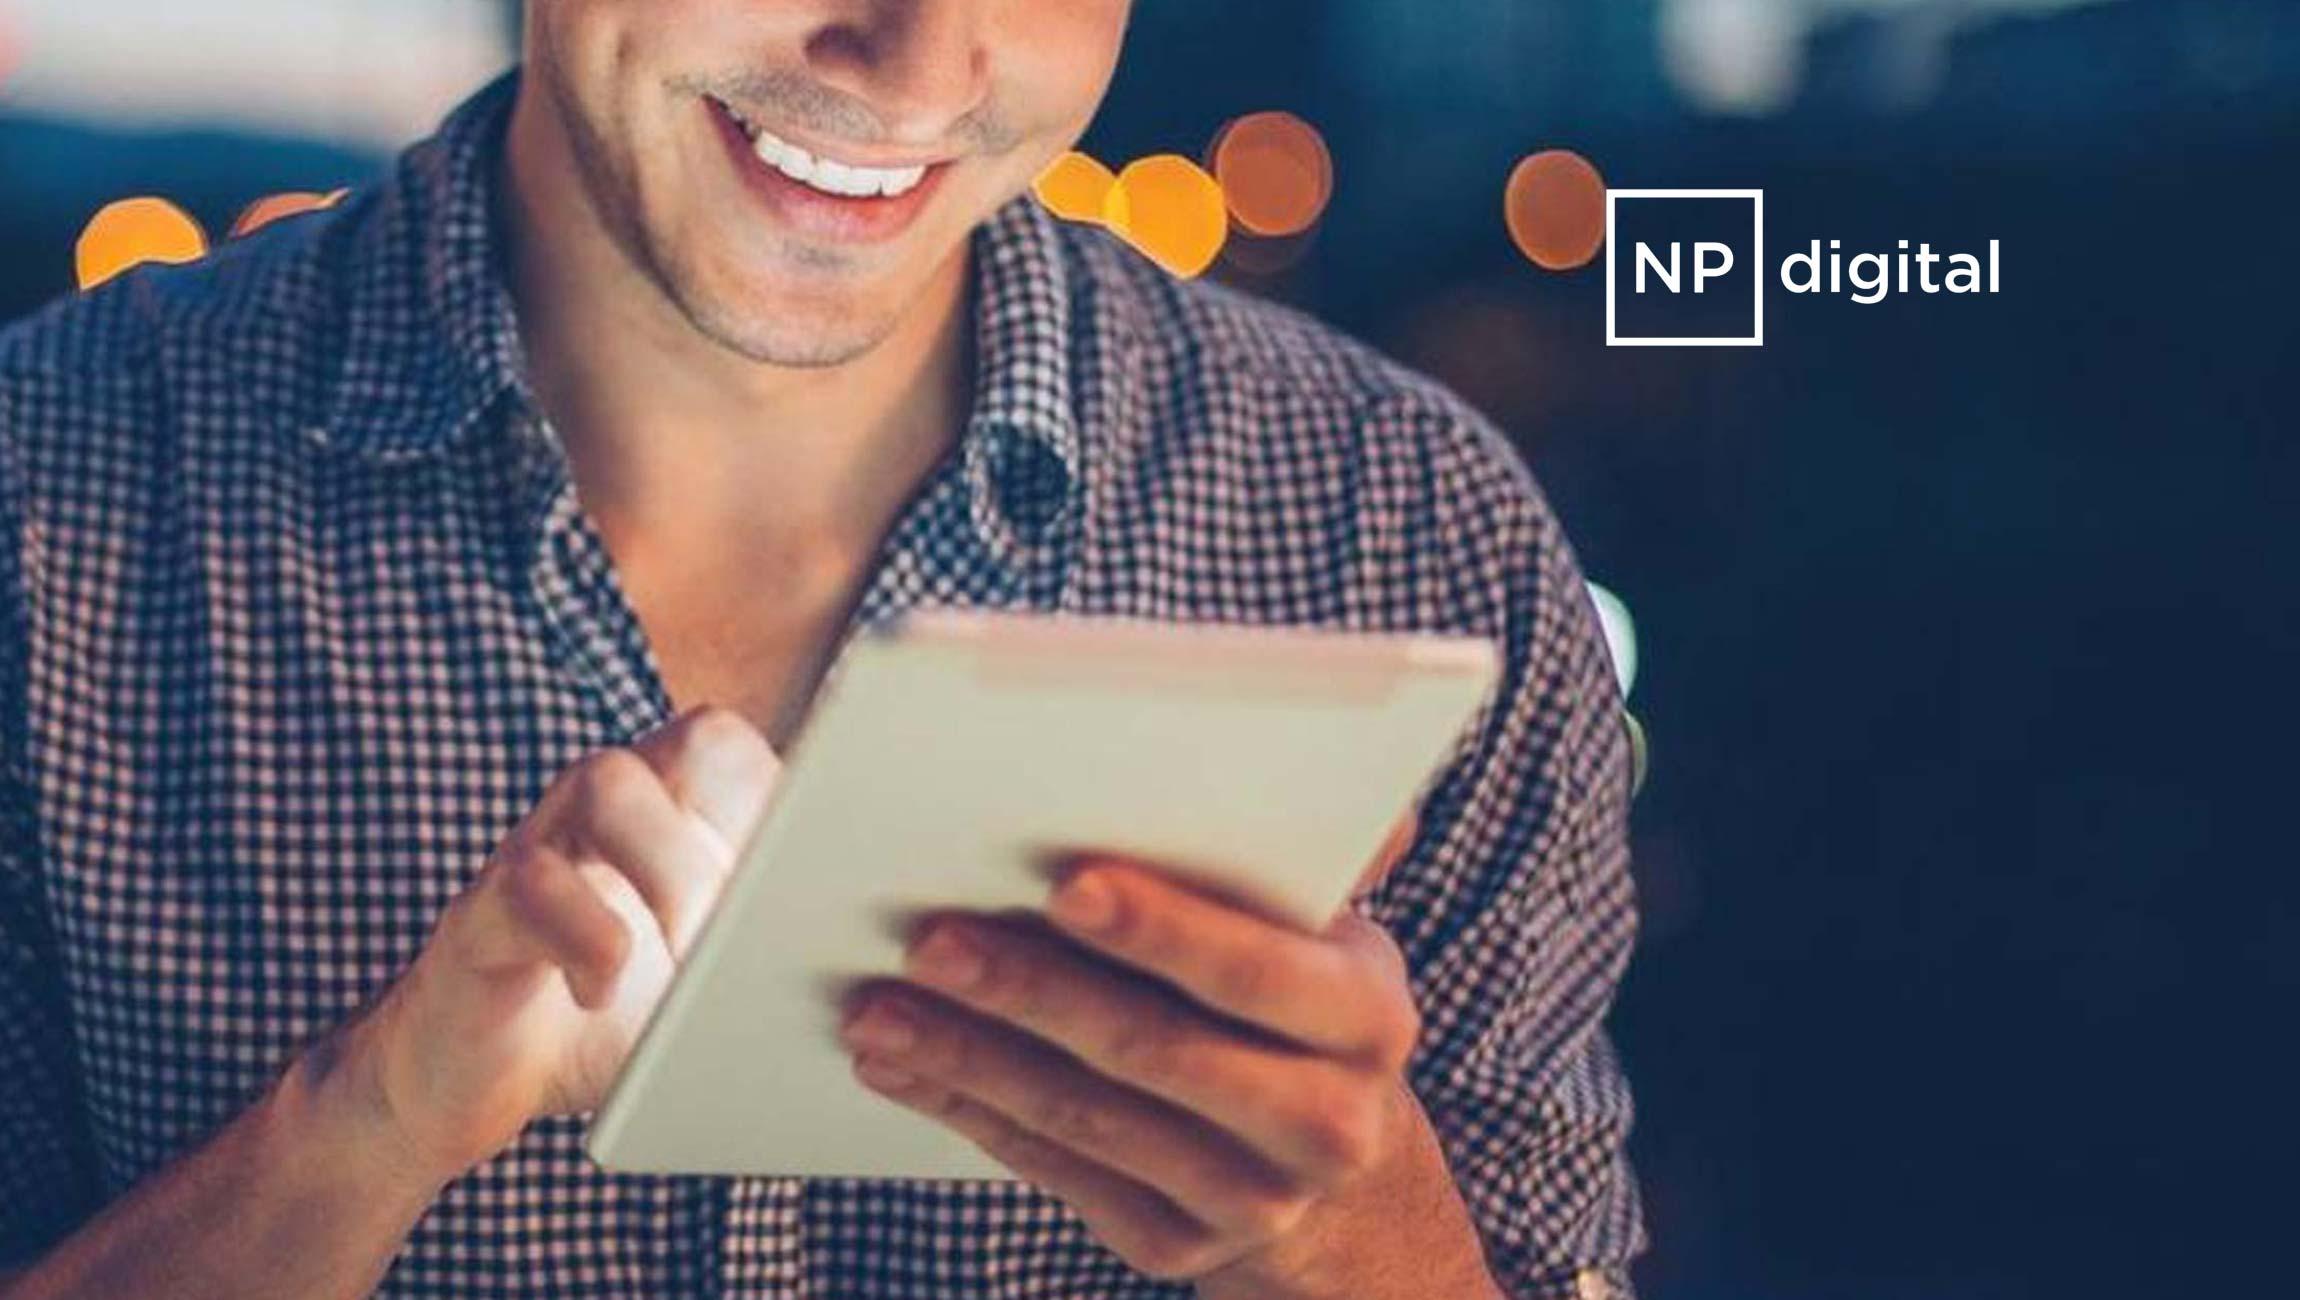 NP Digital Announces New CCO Matt Kropp 1